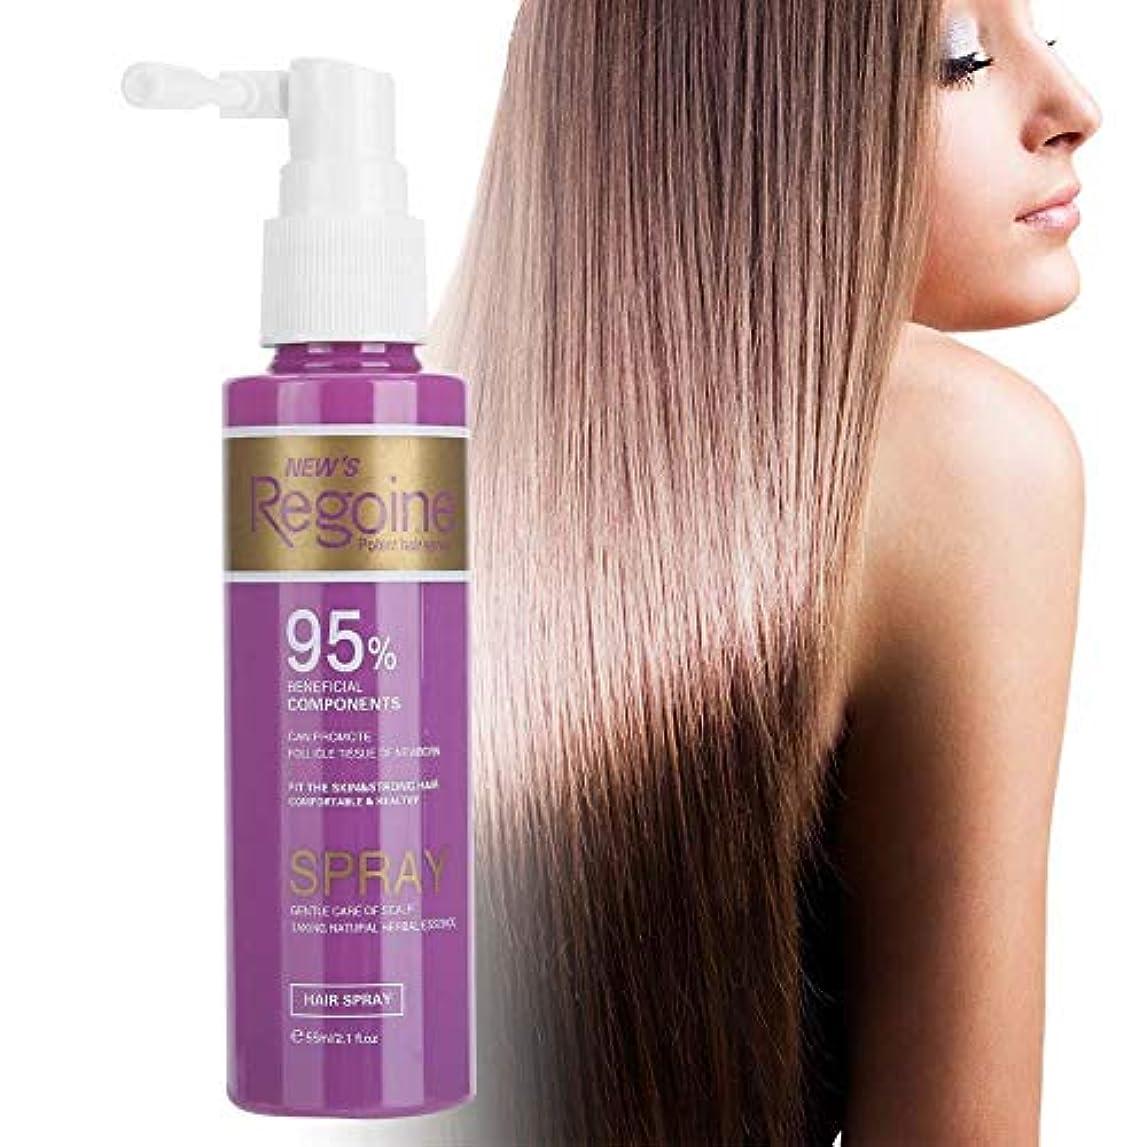 孤独な三角形公育毛、育毛、育毛促進、育毛のための美容液薄毛増毛再生治療のための抗脱毛